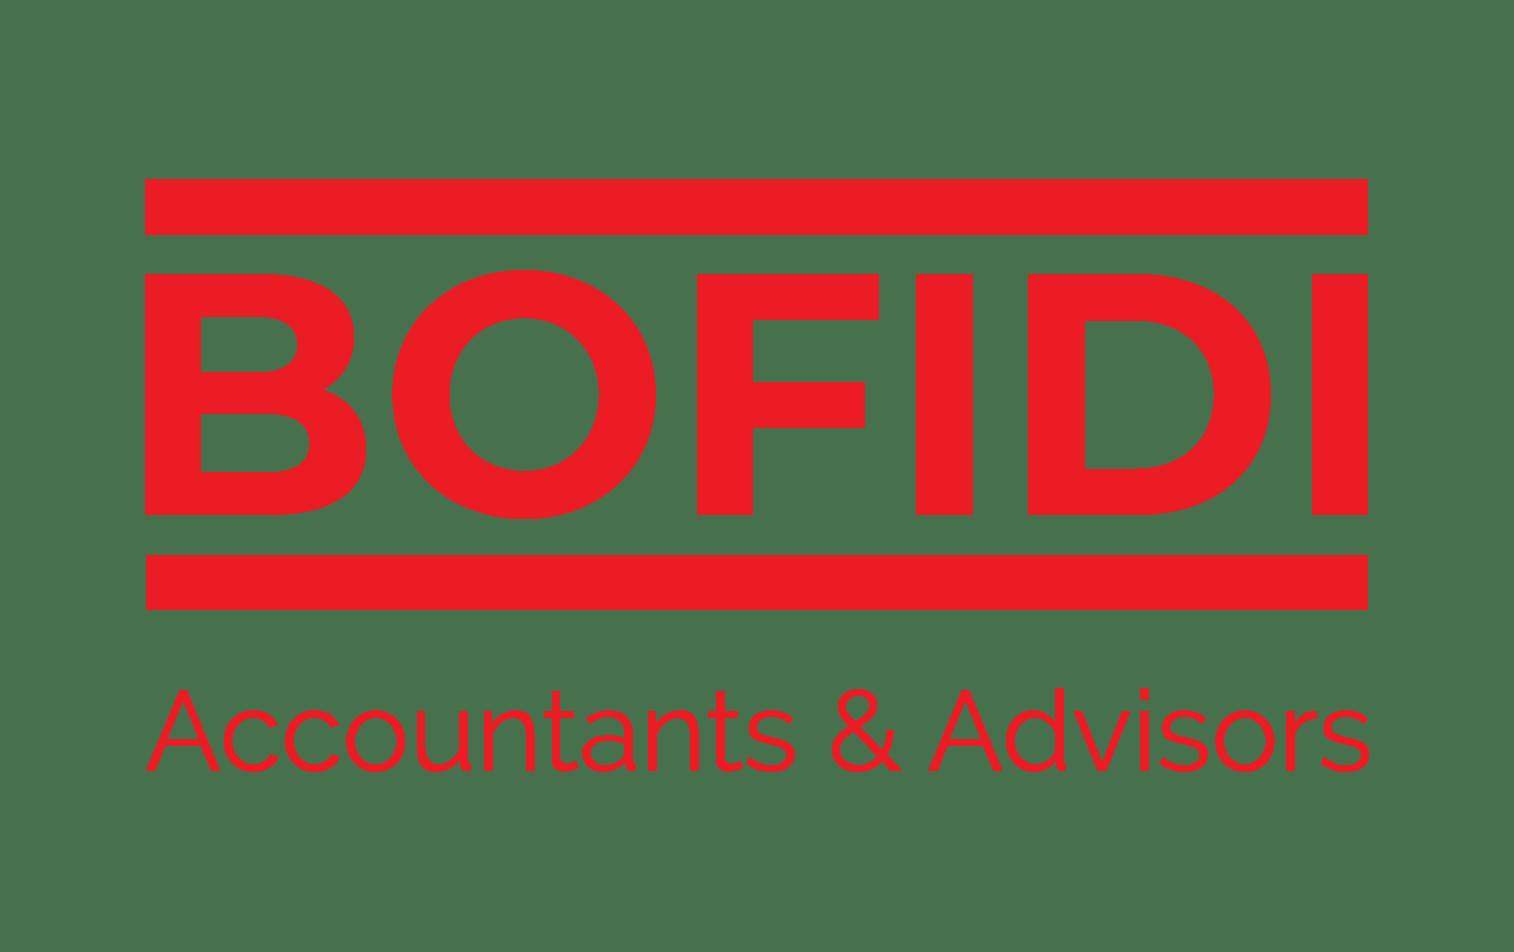 Bofidi Brussel